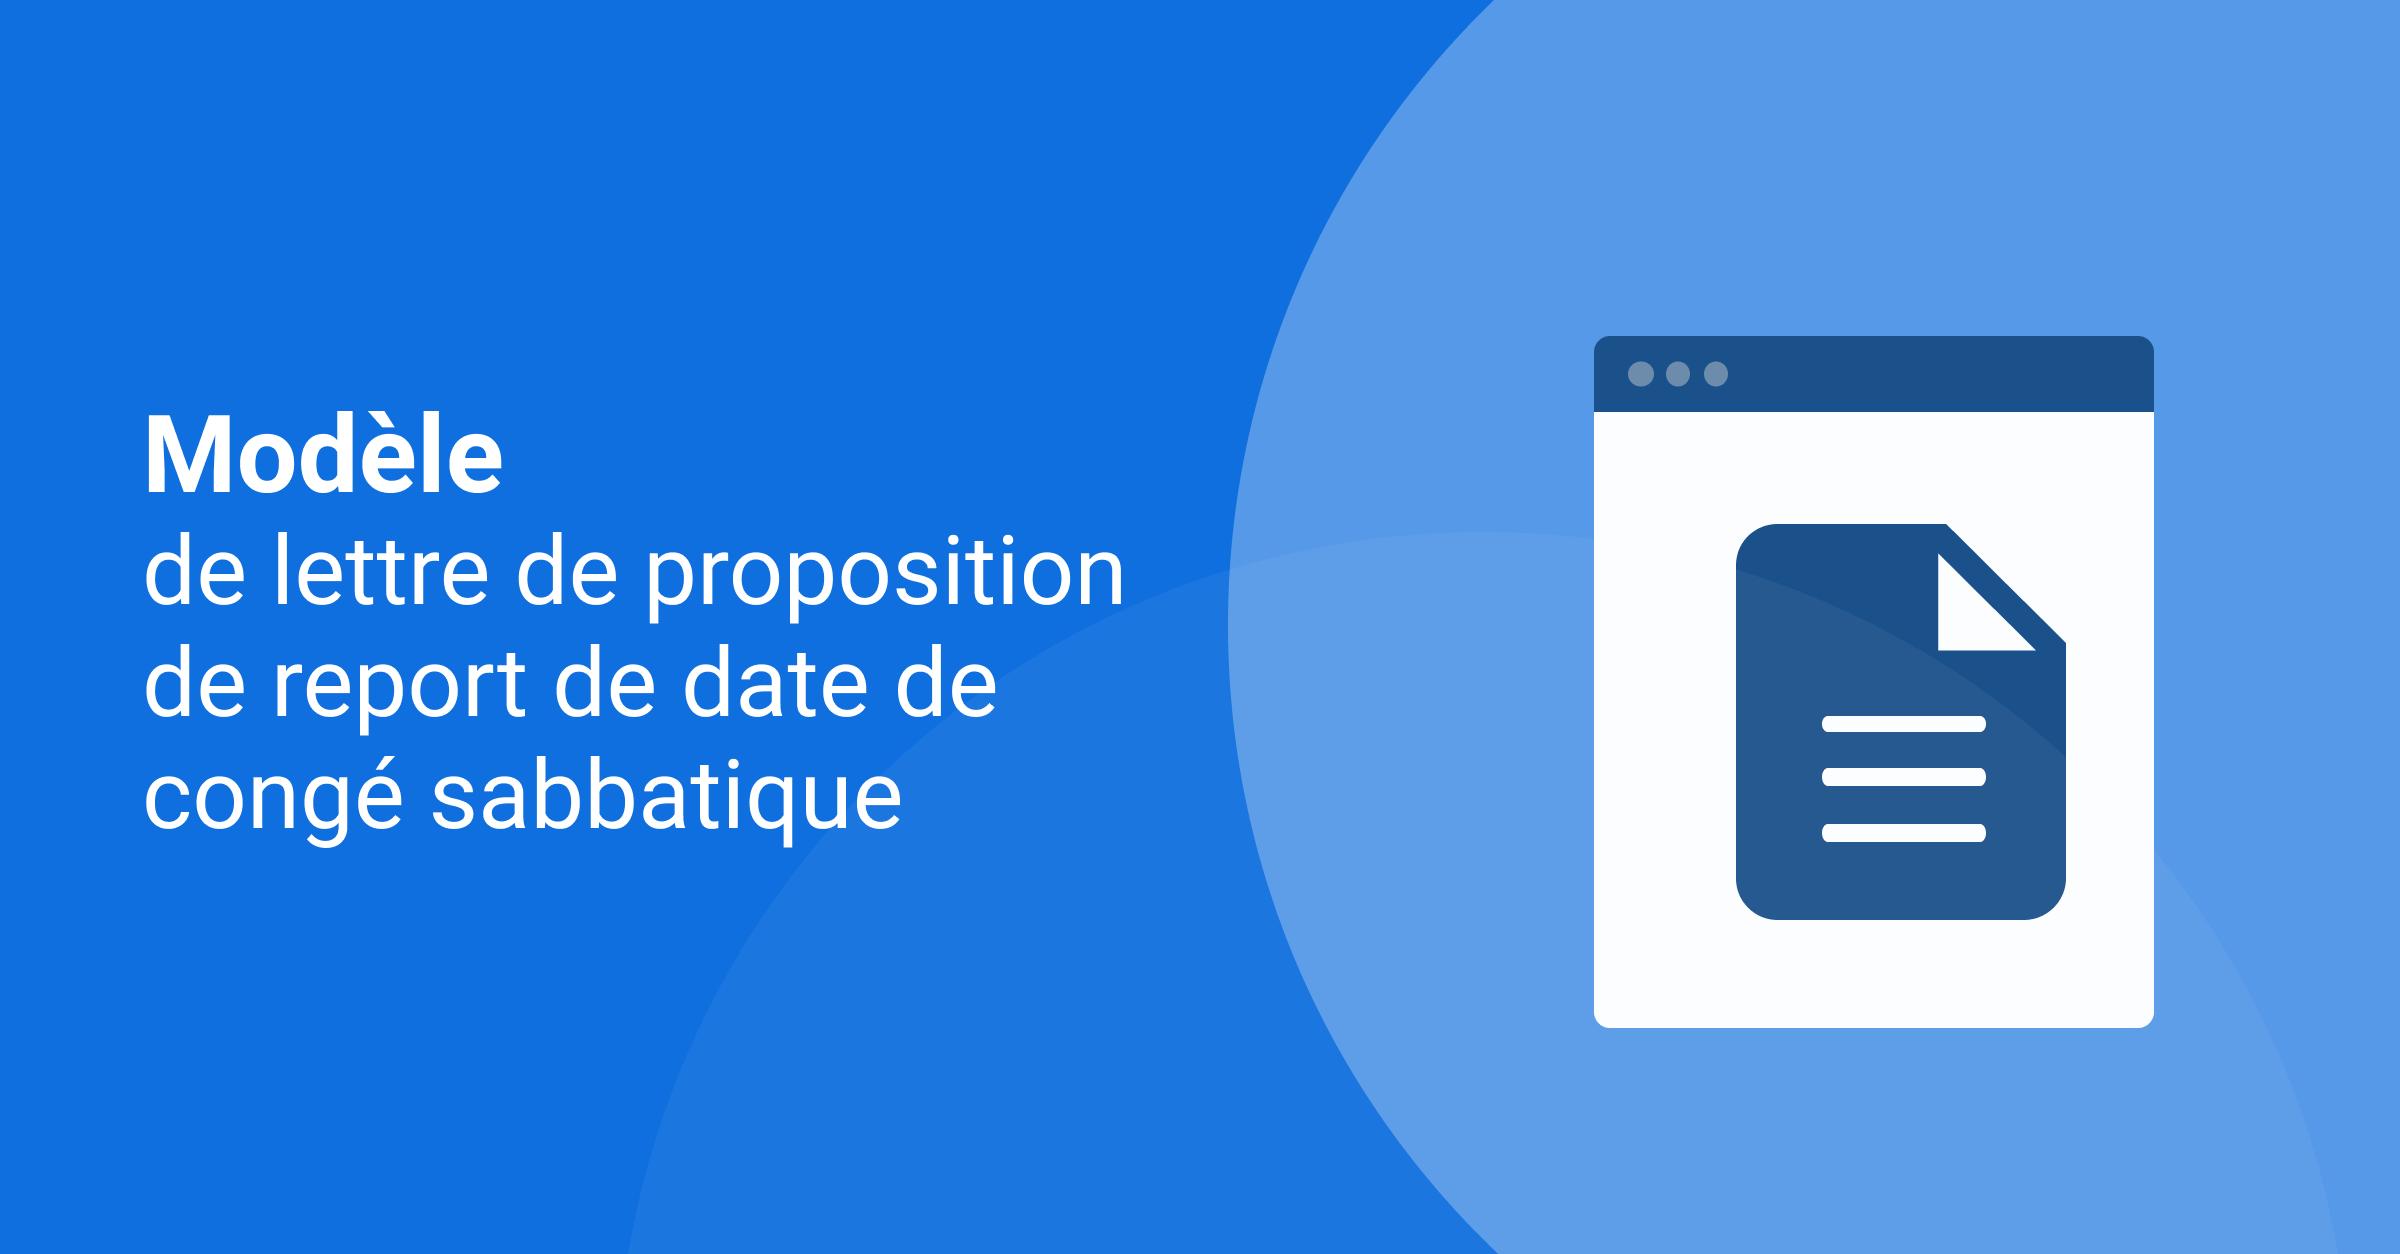 Modèle de lettre de proposition de report de date de congé sabbatique